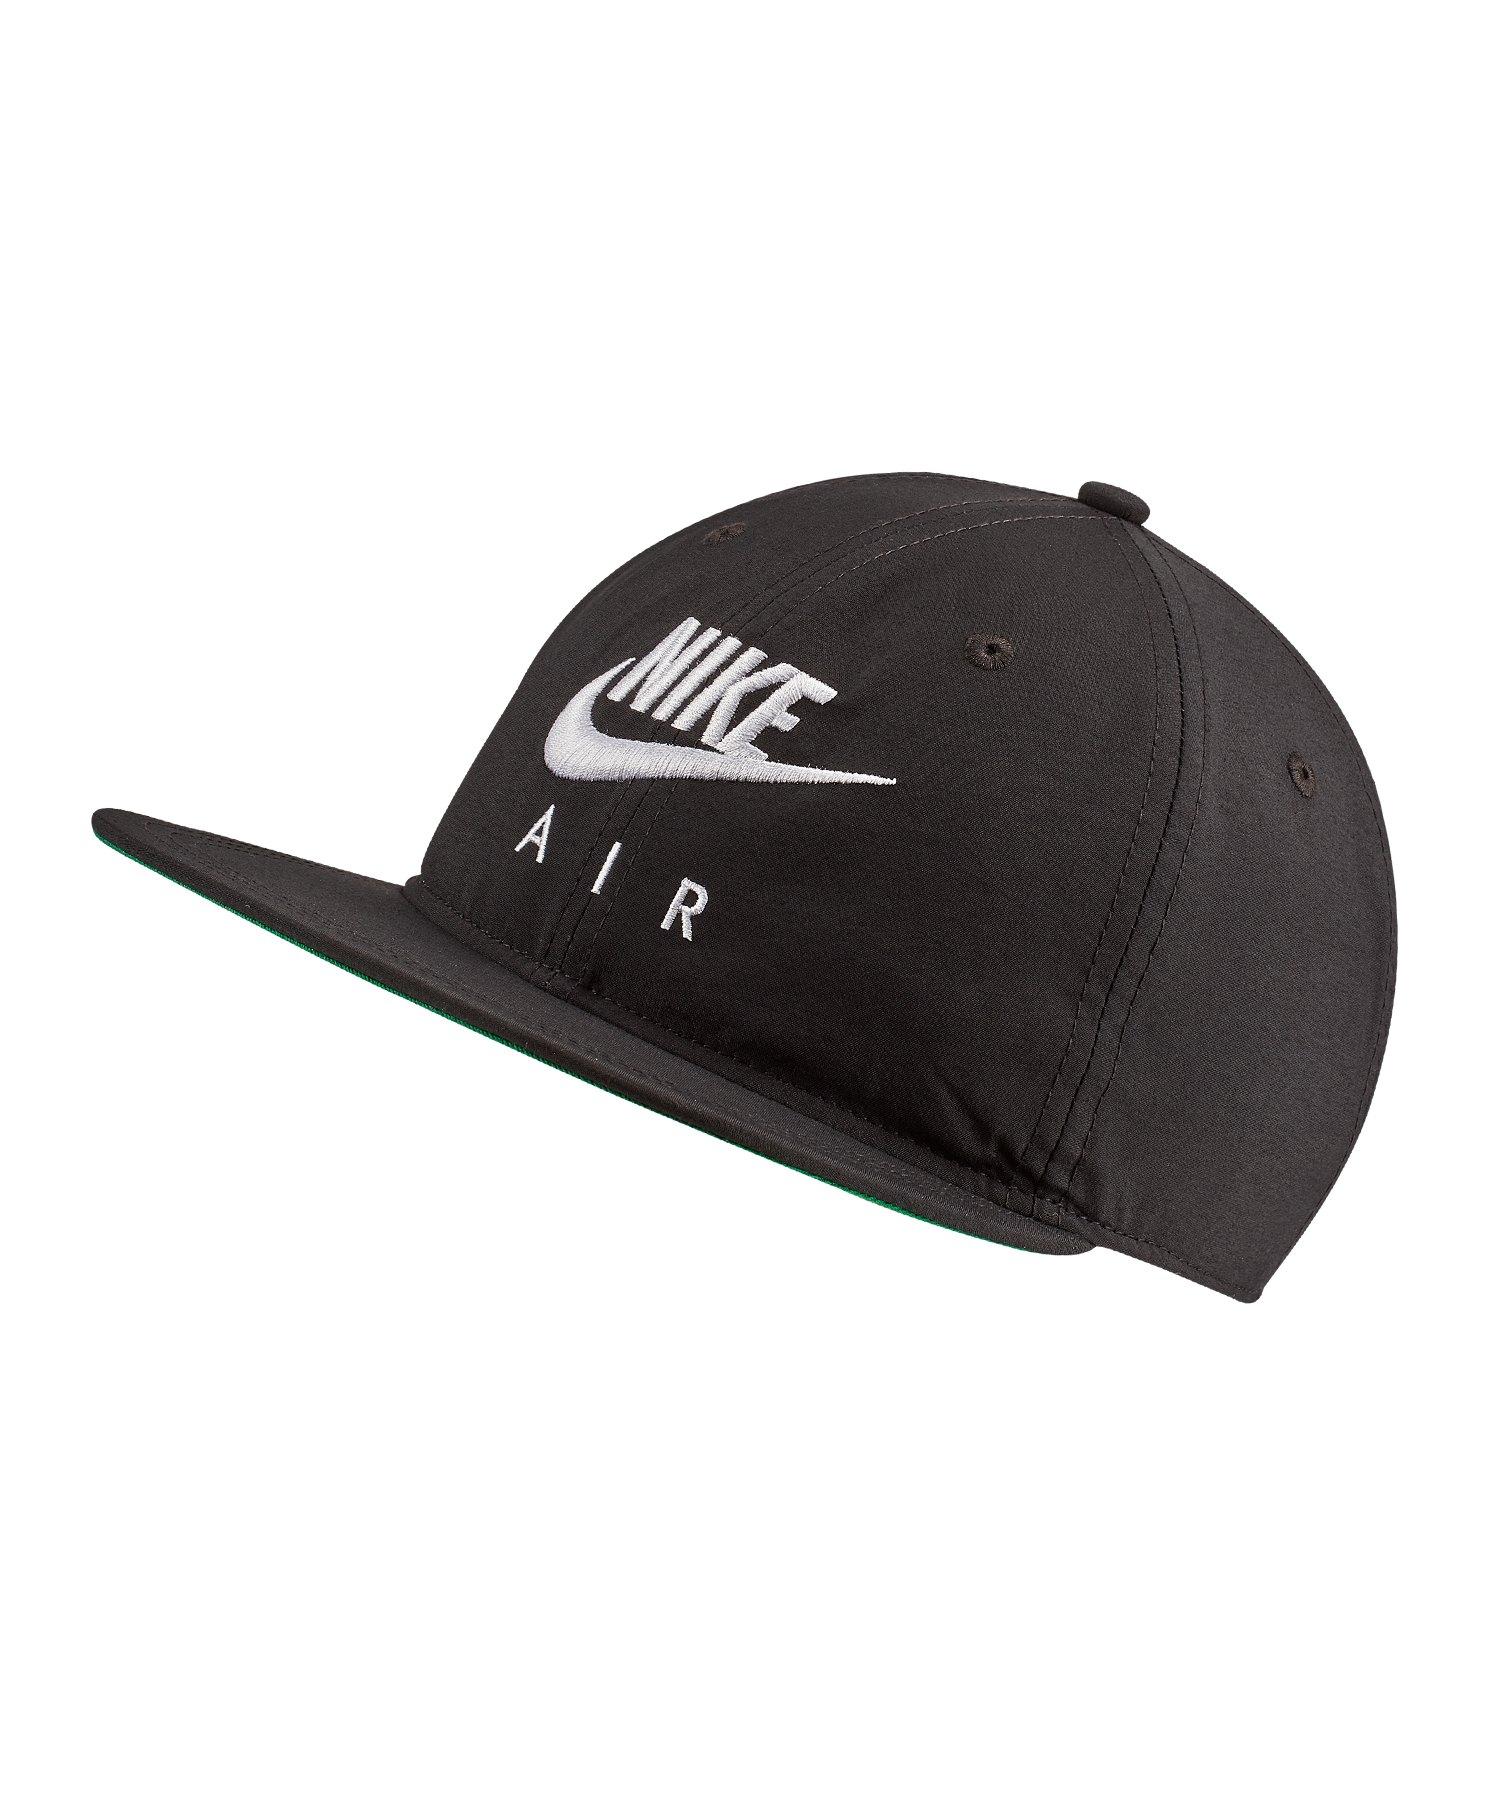 Nike Air Pro Snapback Kappe Schwarz F013 - Schwarz